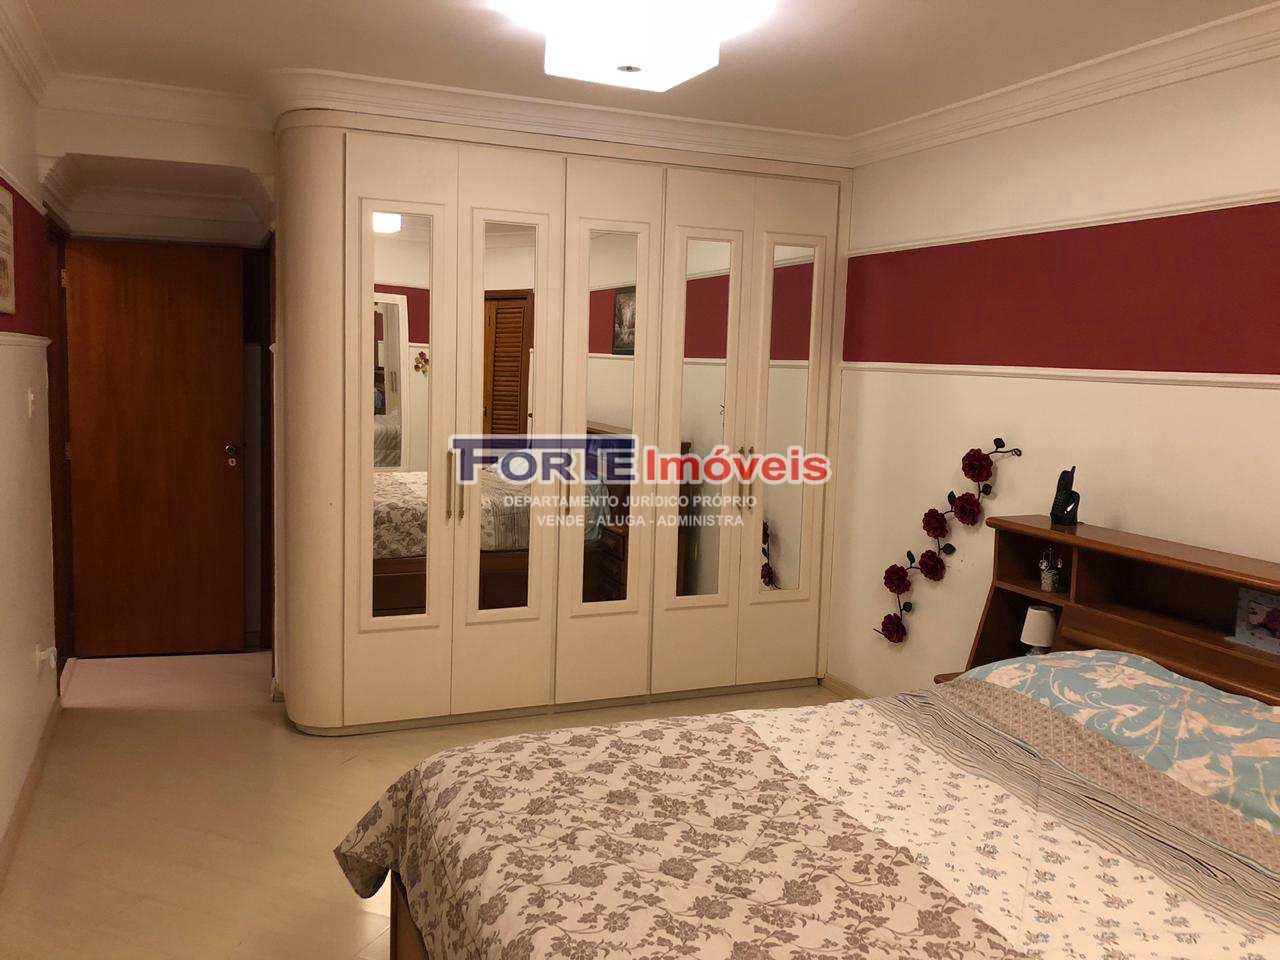 Casa de Condomínio com 4 dorms, Tremembé, São Paulo - R$ 1.5 mi, Cod: 42903615